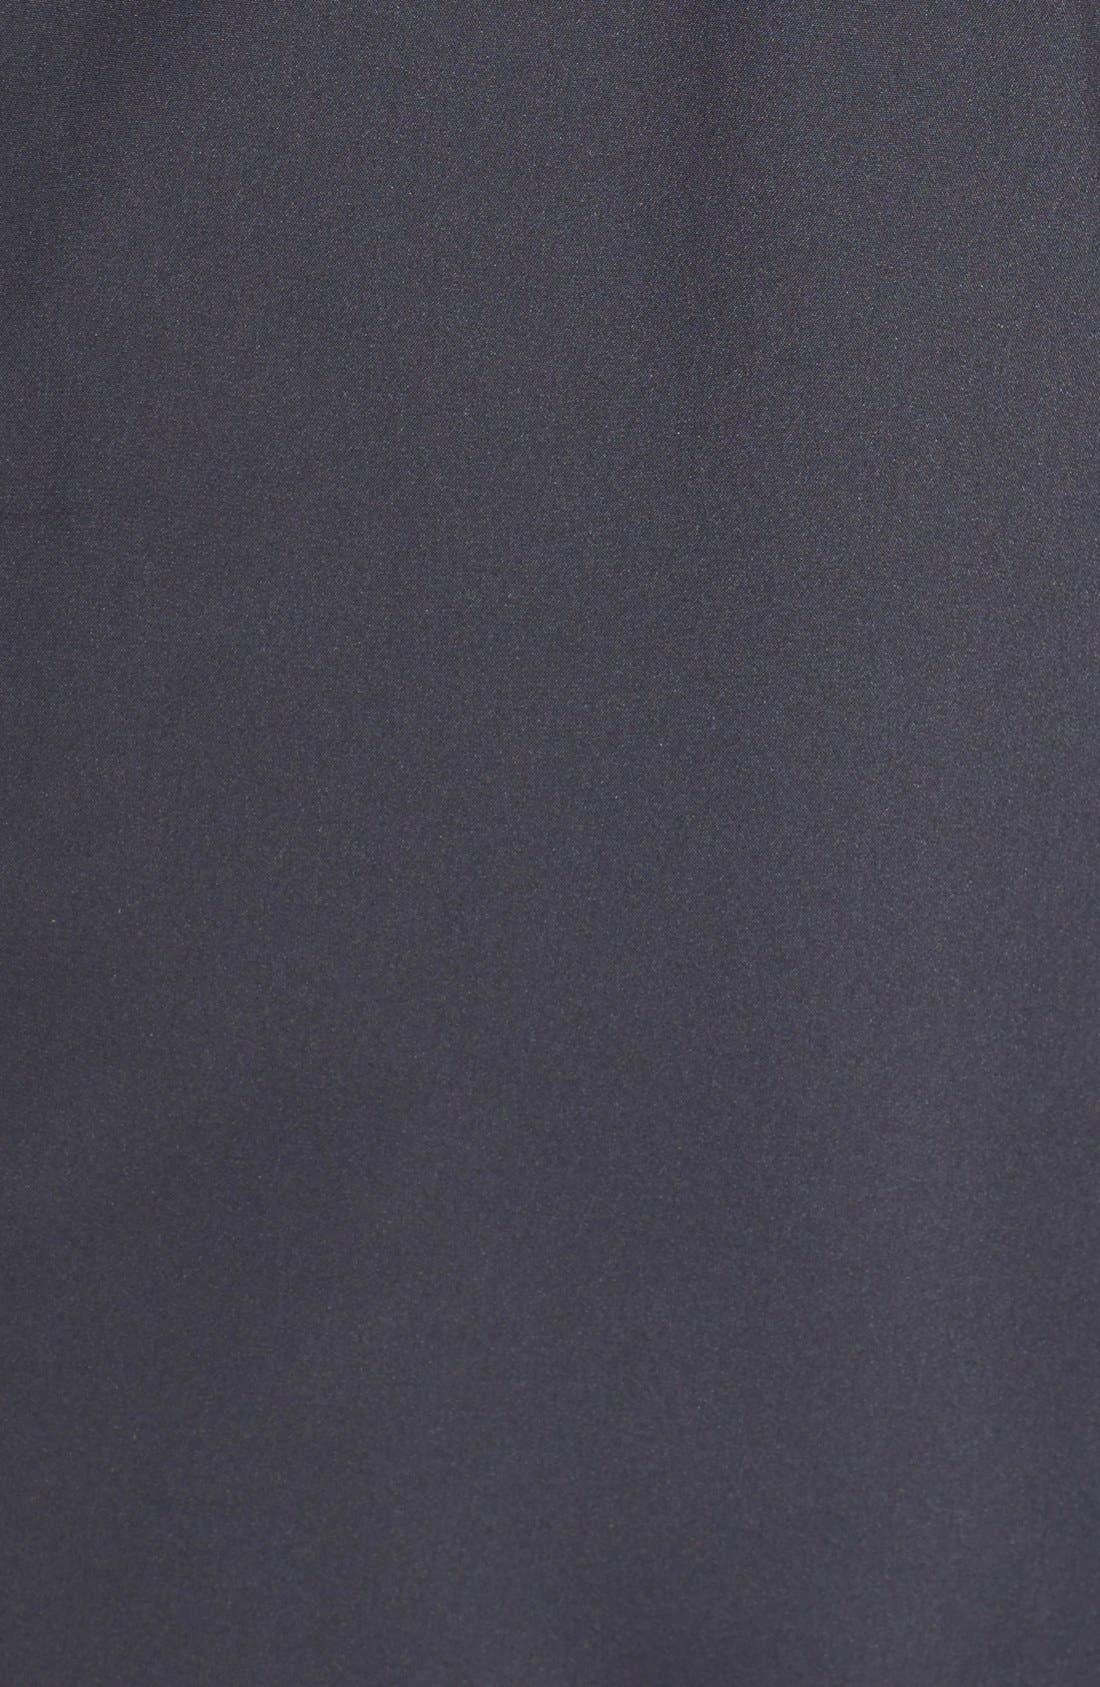 Alternate Image 3  - Victorinox Swiss Army® 'Horben' Water Repellent Fleece Lined Jacket